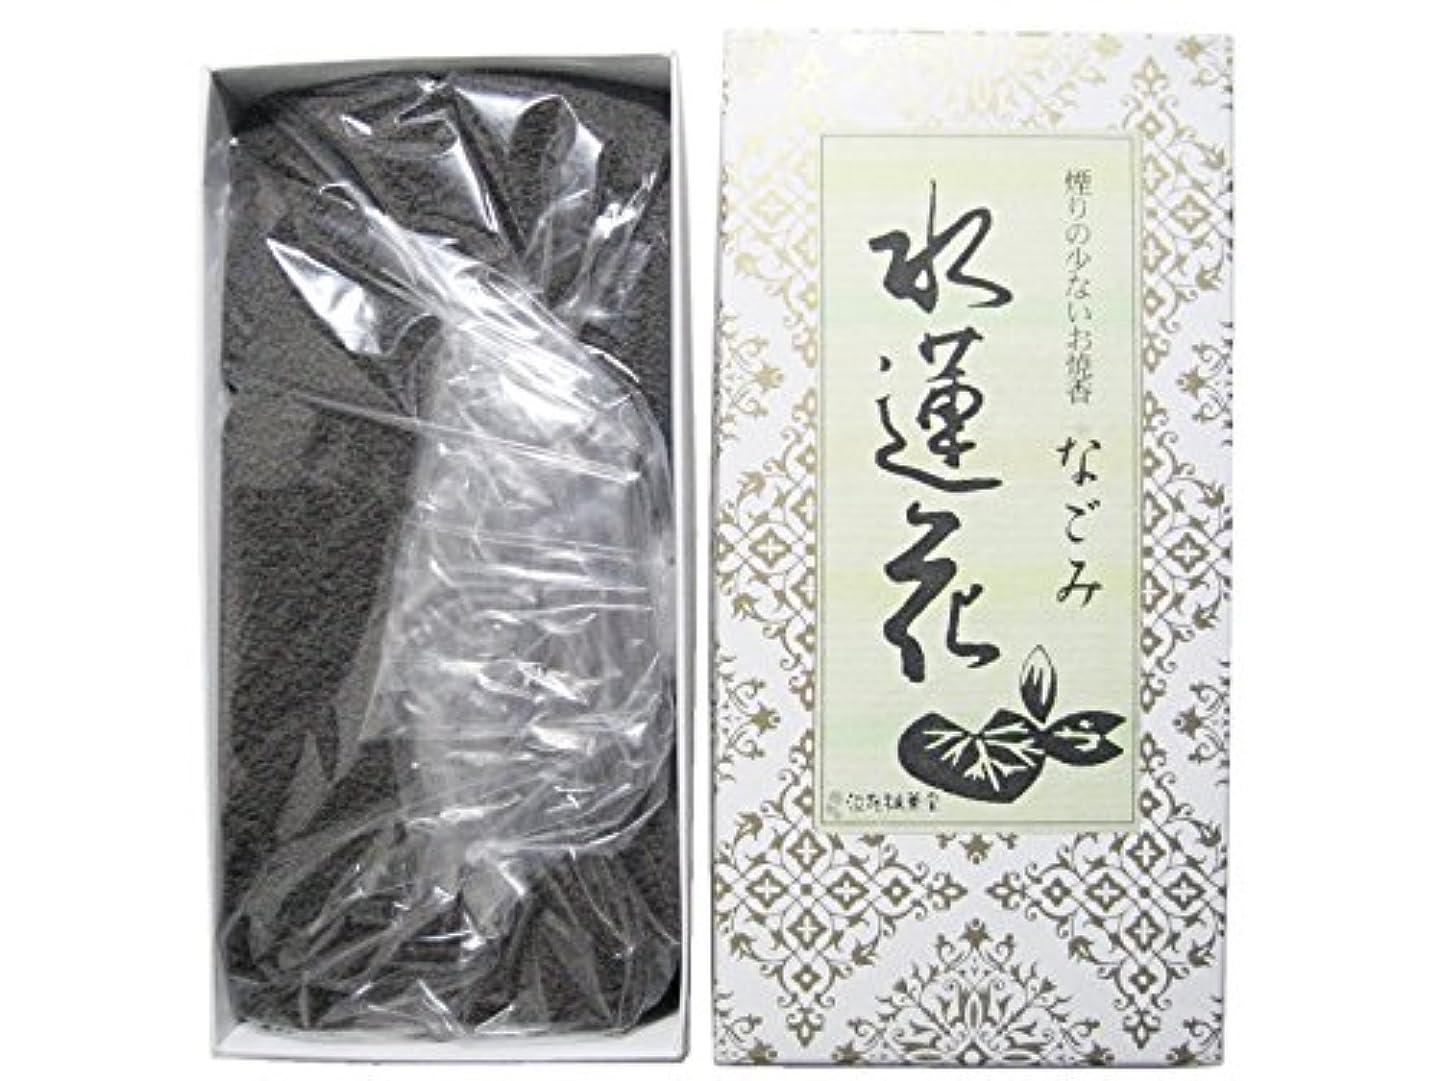 対処する圧倒する日光淡路梅薫堂のお香 煙の少ないお焼香 なごみ 水蓮花 500g×5箱 #931